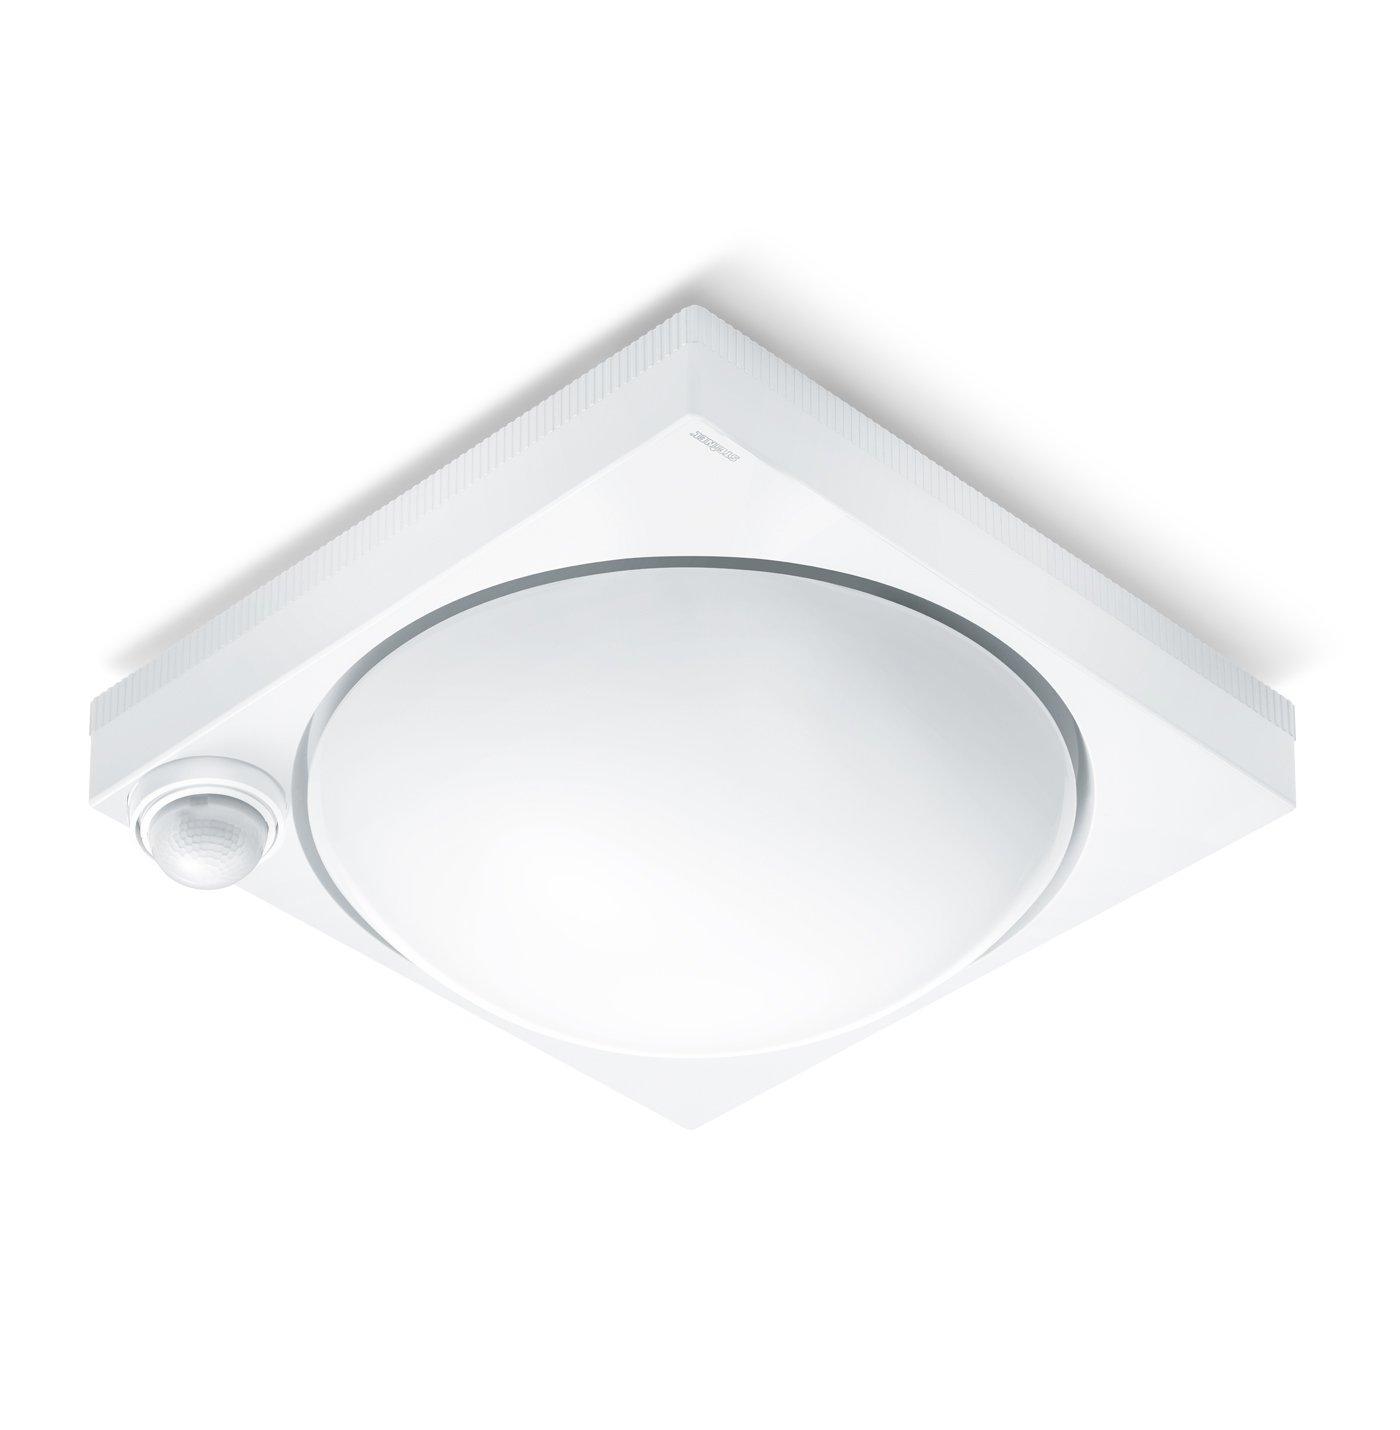 Steinel DL 750 S 650315 - Lámpara sensor de exterior con 360° detector de movimiento y max. 12 m alcance omnidireccional, Iluminación de techo con potencia ...